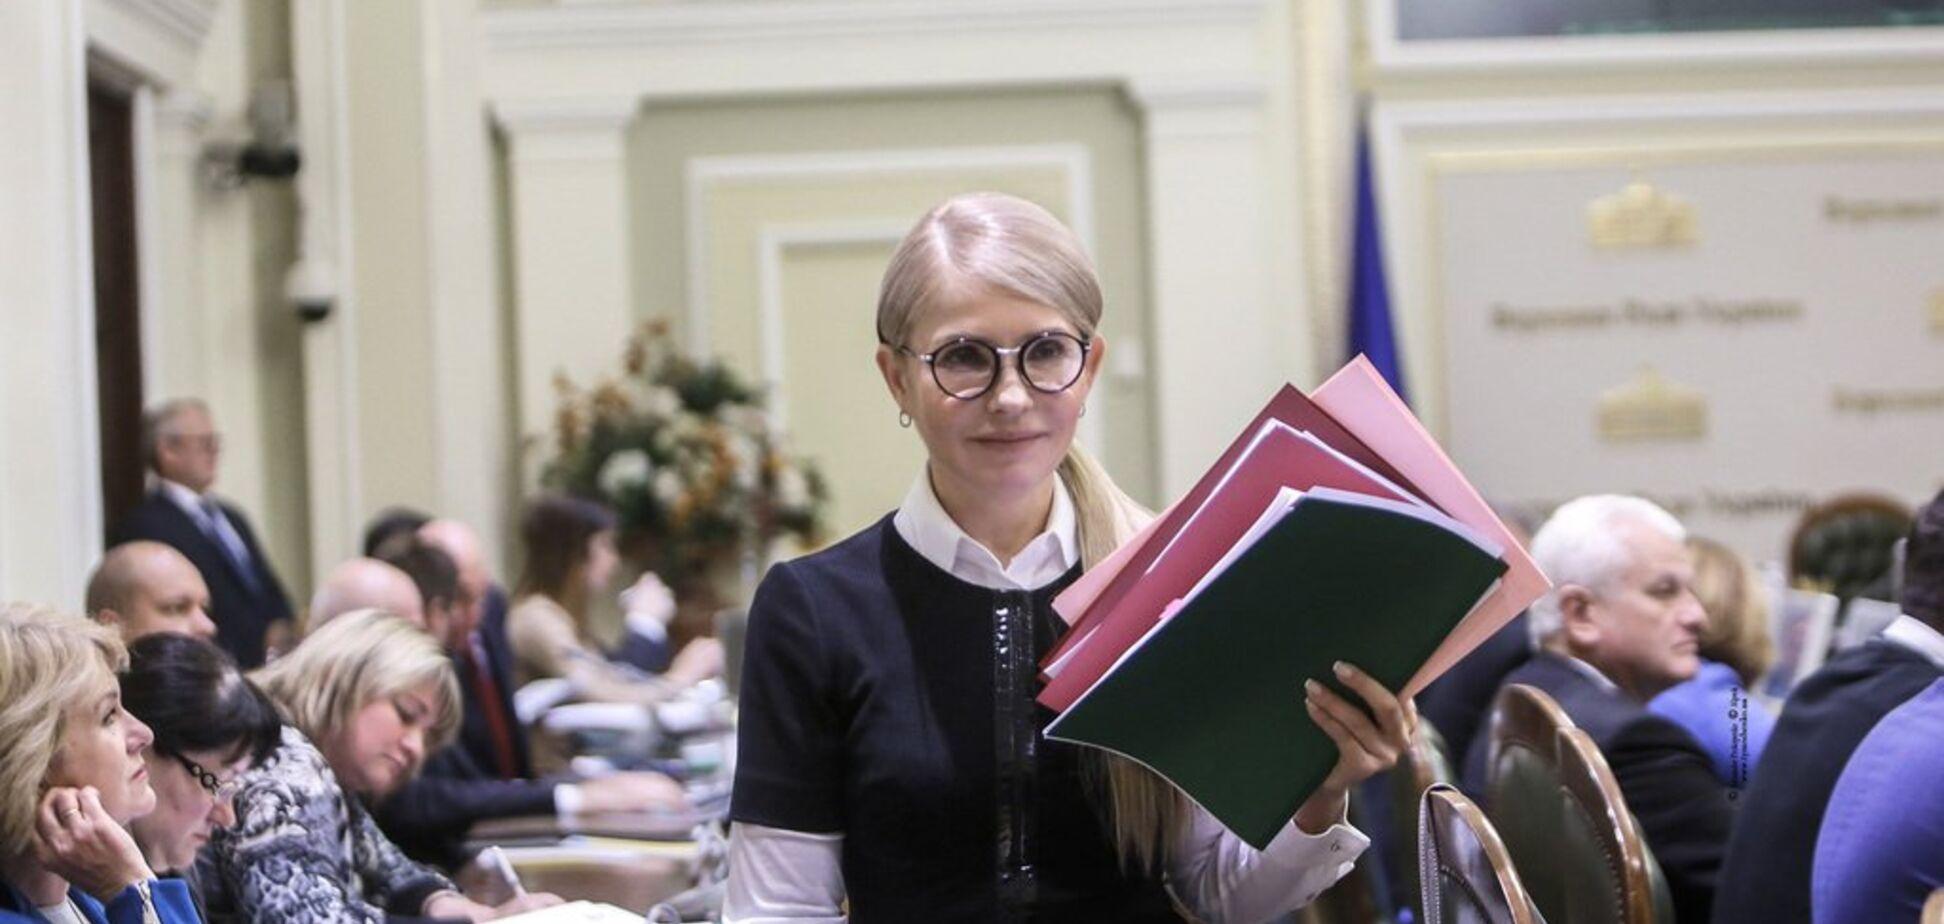 Ученые и финансисты доработают ''Новый экономический курс'' Тимошенко в части монетарной политики